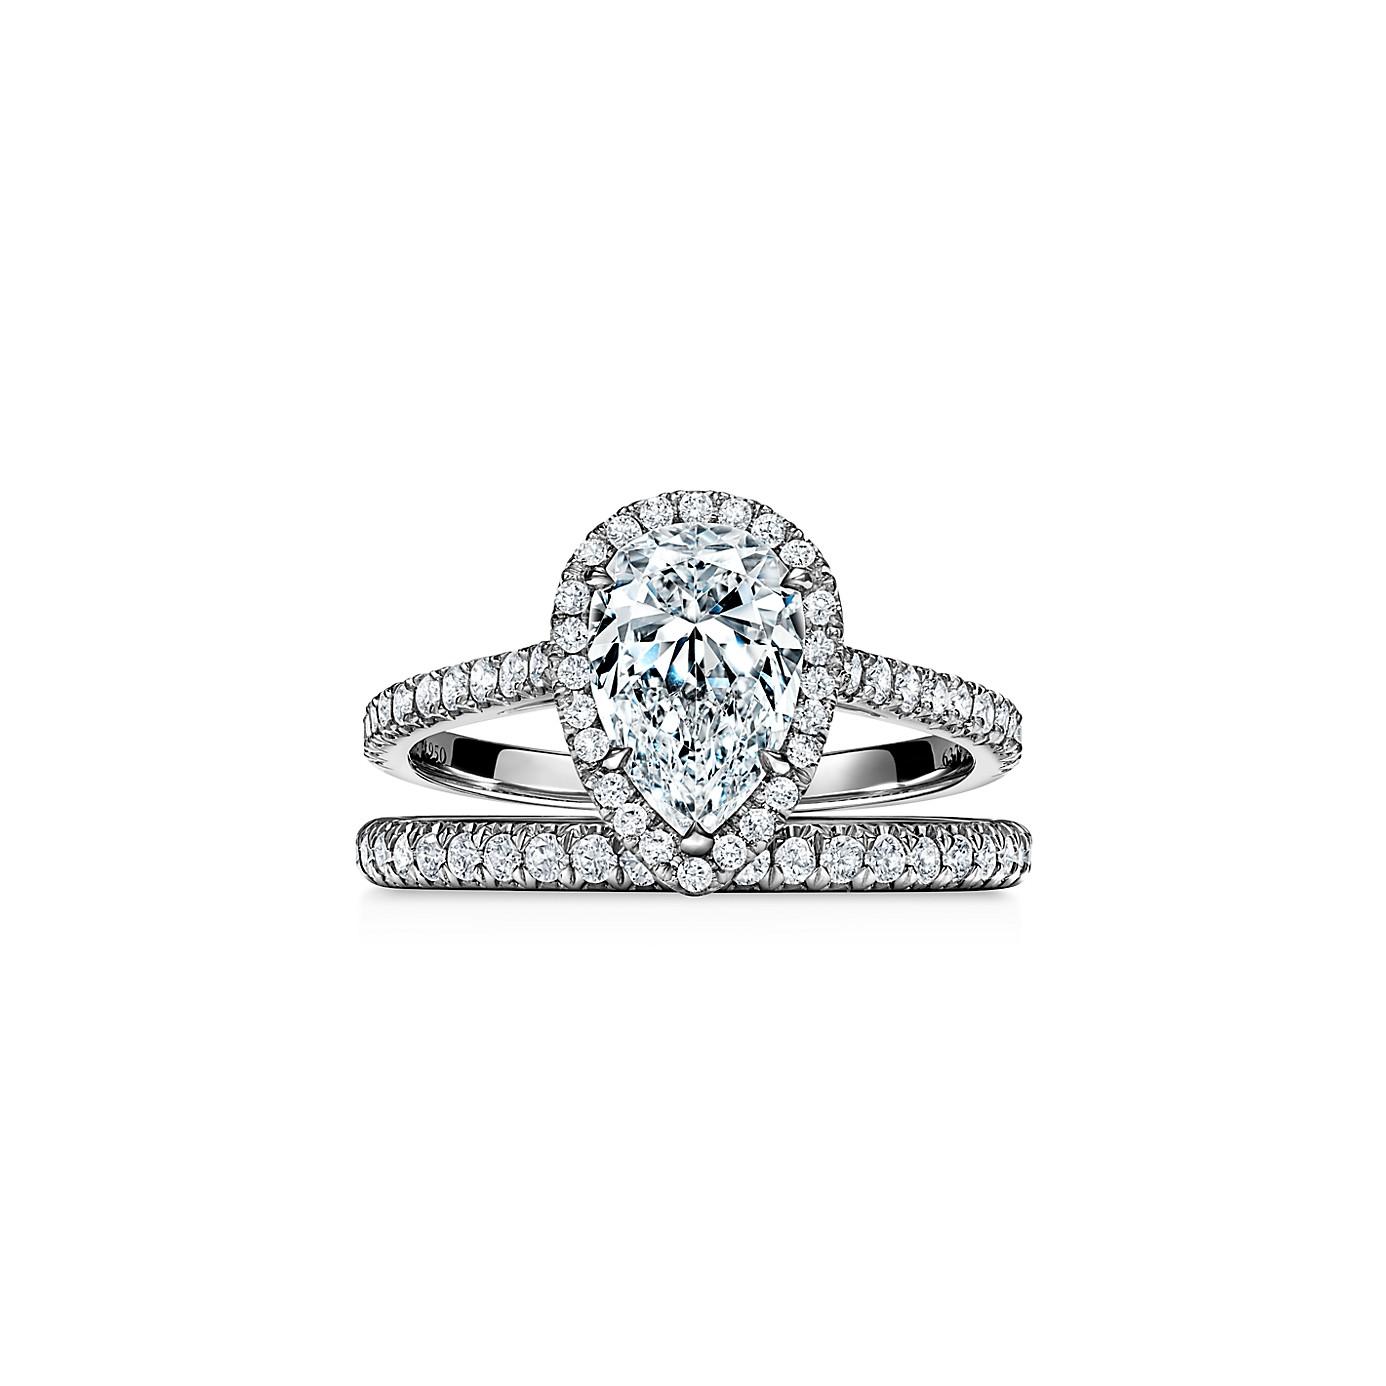 ティファニー ソレスト ペアシェイプ ダイヤモンド エンゲージメント リング(3)―Tiffany & Co.(ティファニー)